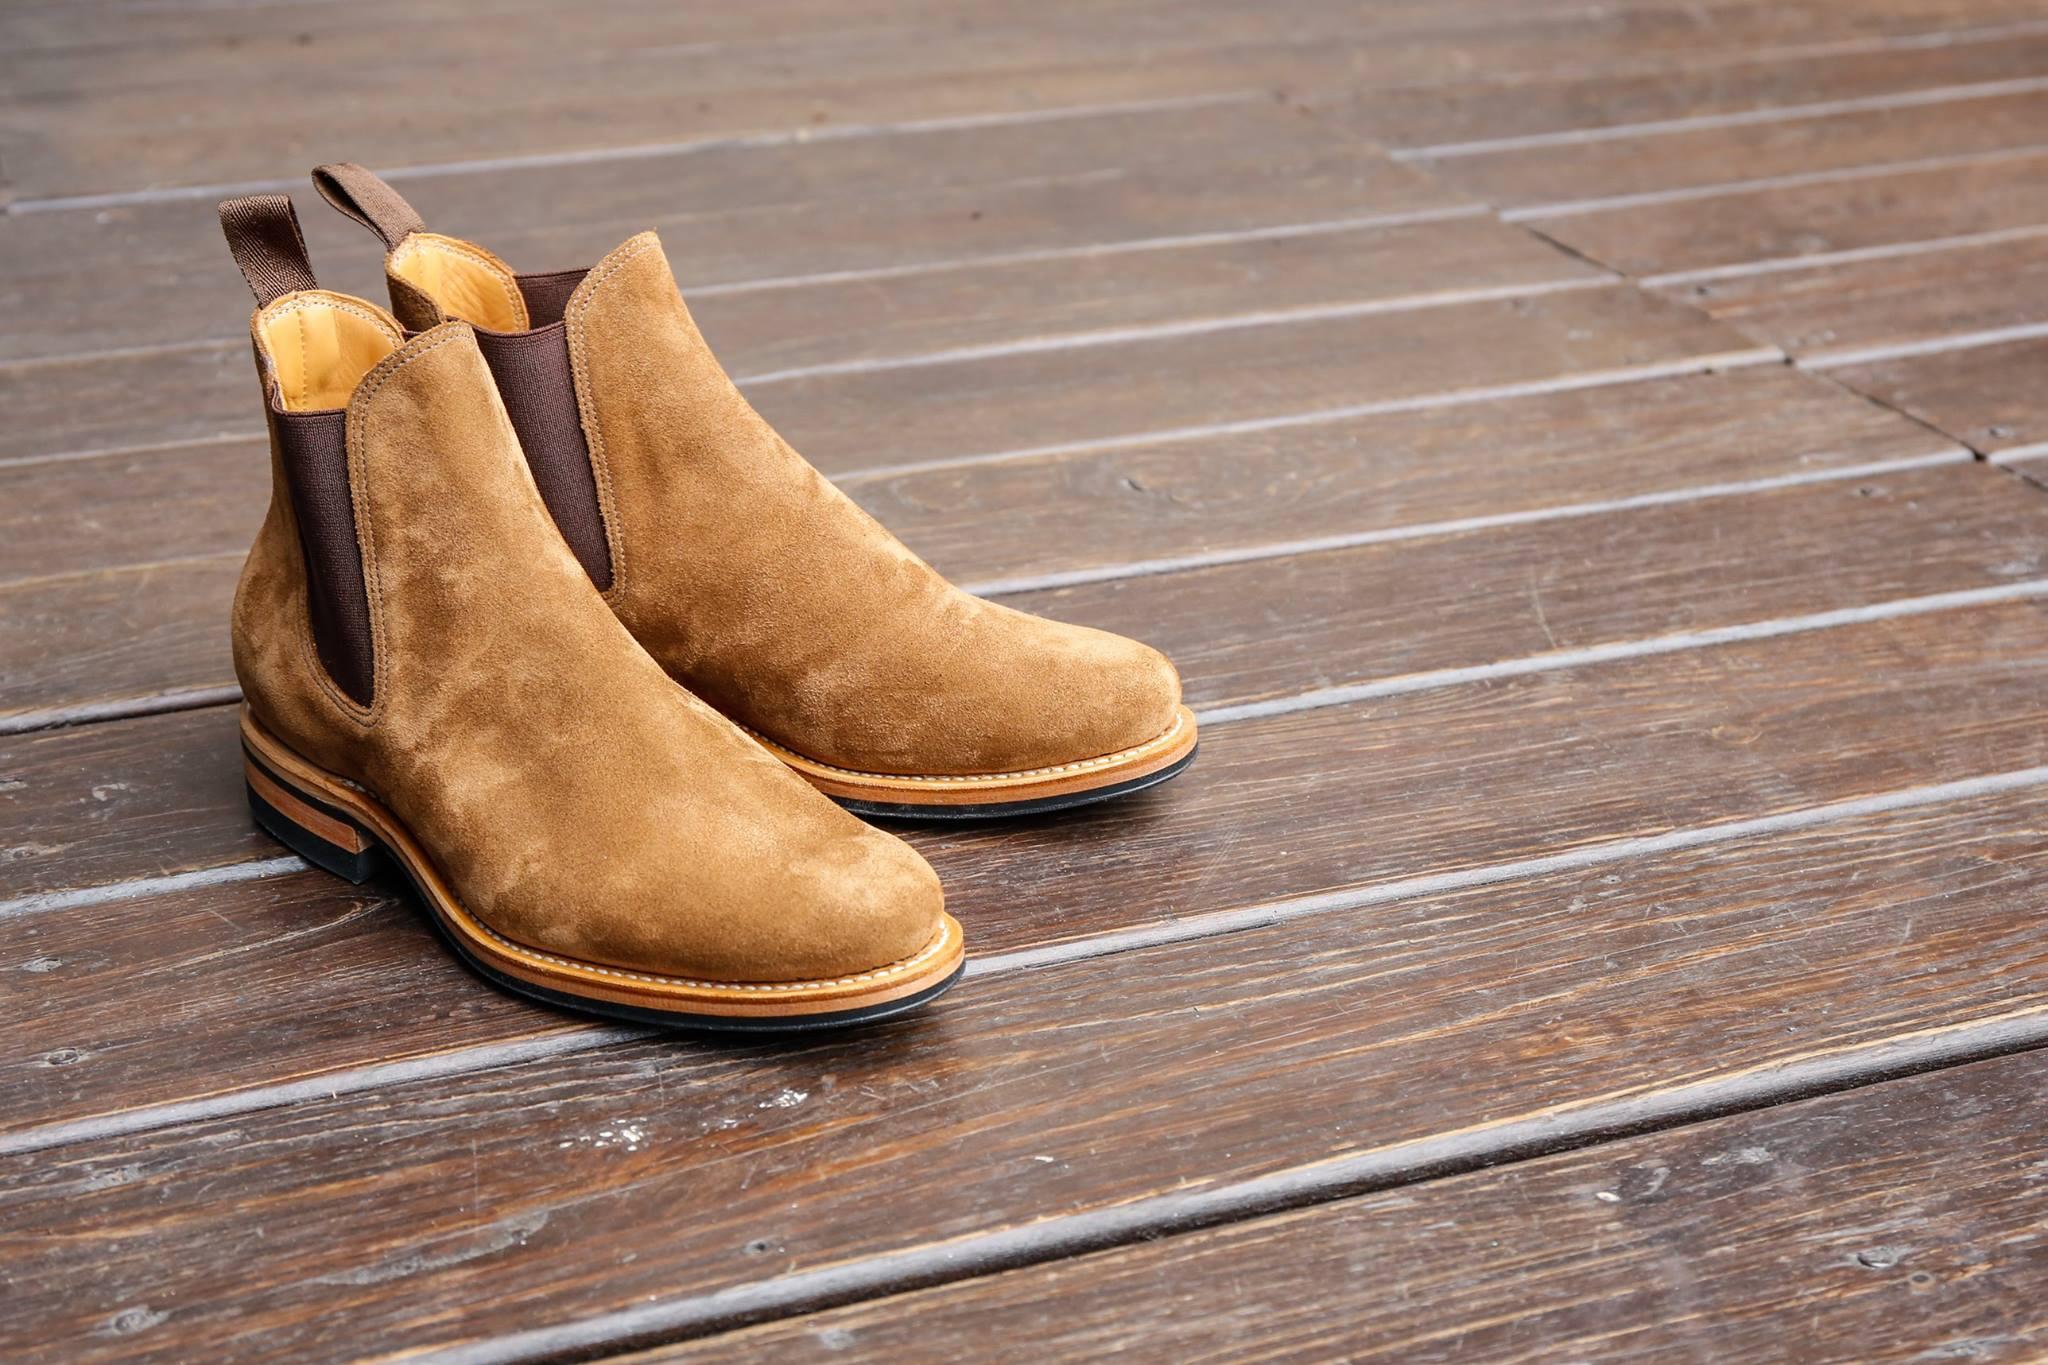 %e9%83%a8%e8%90%bd%e6%a0%bc_viberg_chelsea-boots12